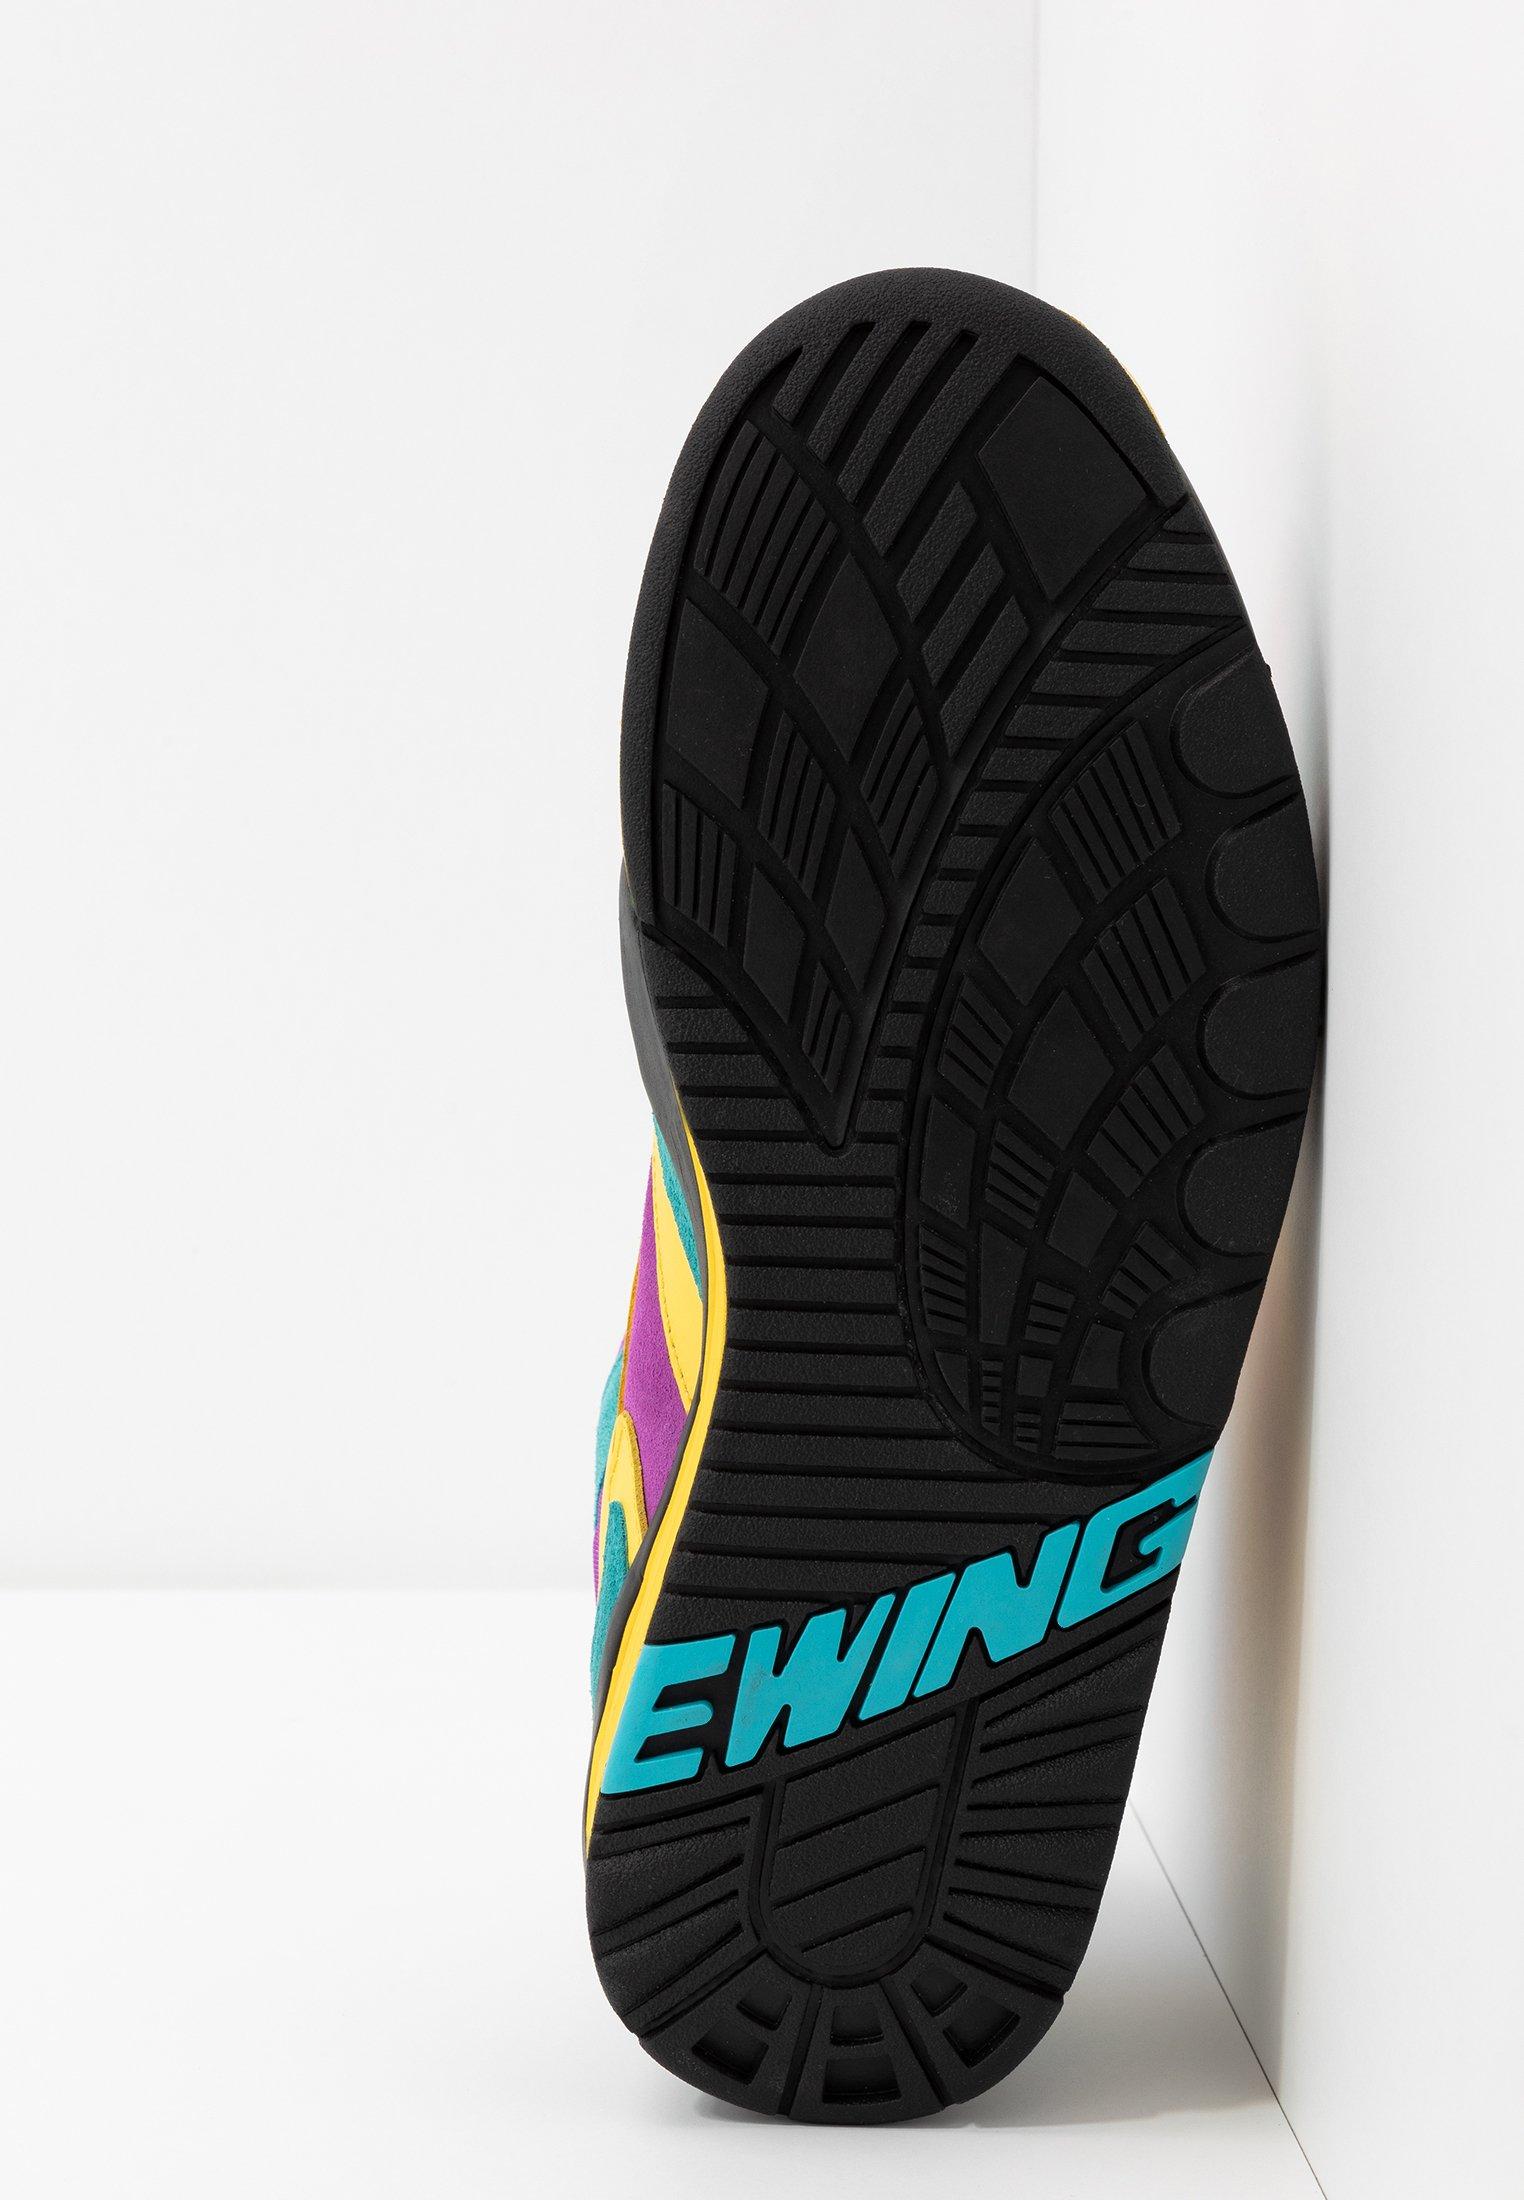 Ewing Sport Lite - Sneaker High Sparking Grape/scuba/sunflower Black Friday